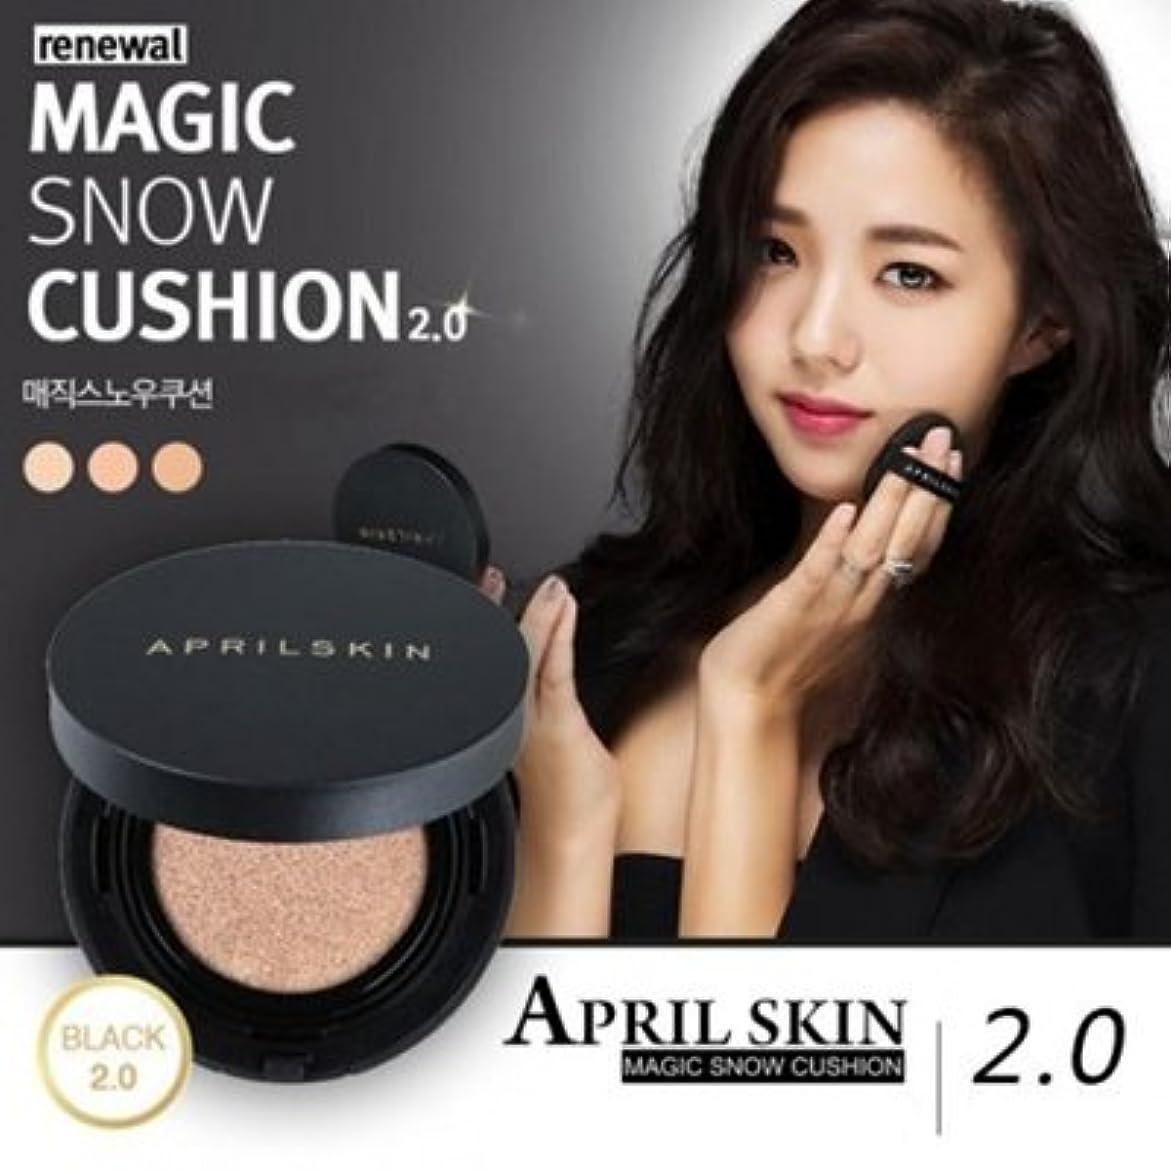 第五取り消すキャッシュ[April Skin]韓国クッション部門1位!NEW!!★Magic Snow Cushion Black 2.0★/w Gift Sample (#22 Pink Beige) [並行輸入品]